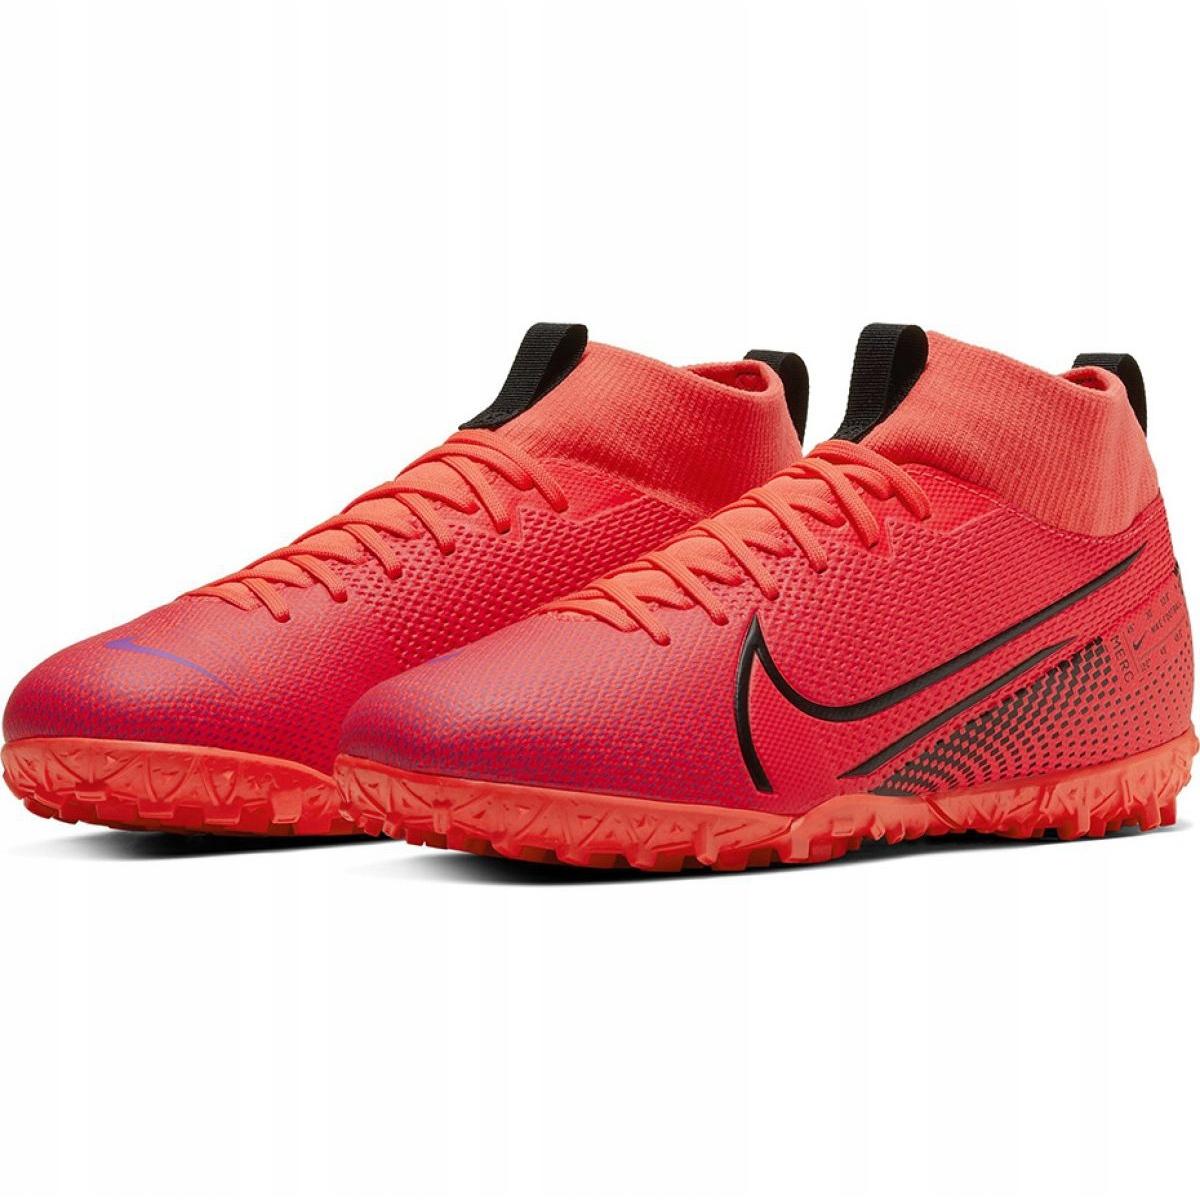 Scarpe-da-calcio-Nike-Mercurial-Superfly-7-Academy-Tf-M-AT7978-606-rosso-rosso miniatura 4